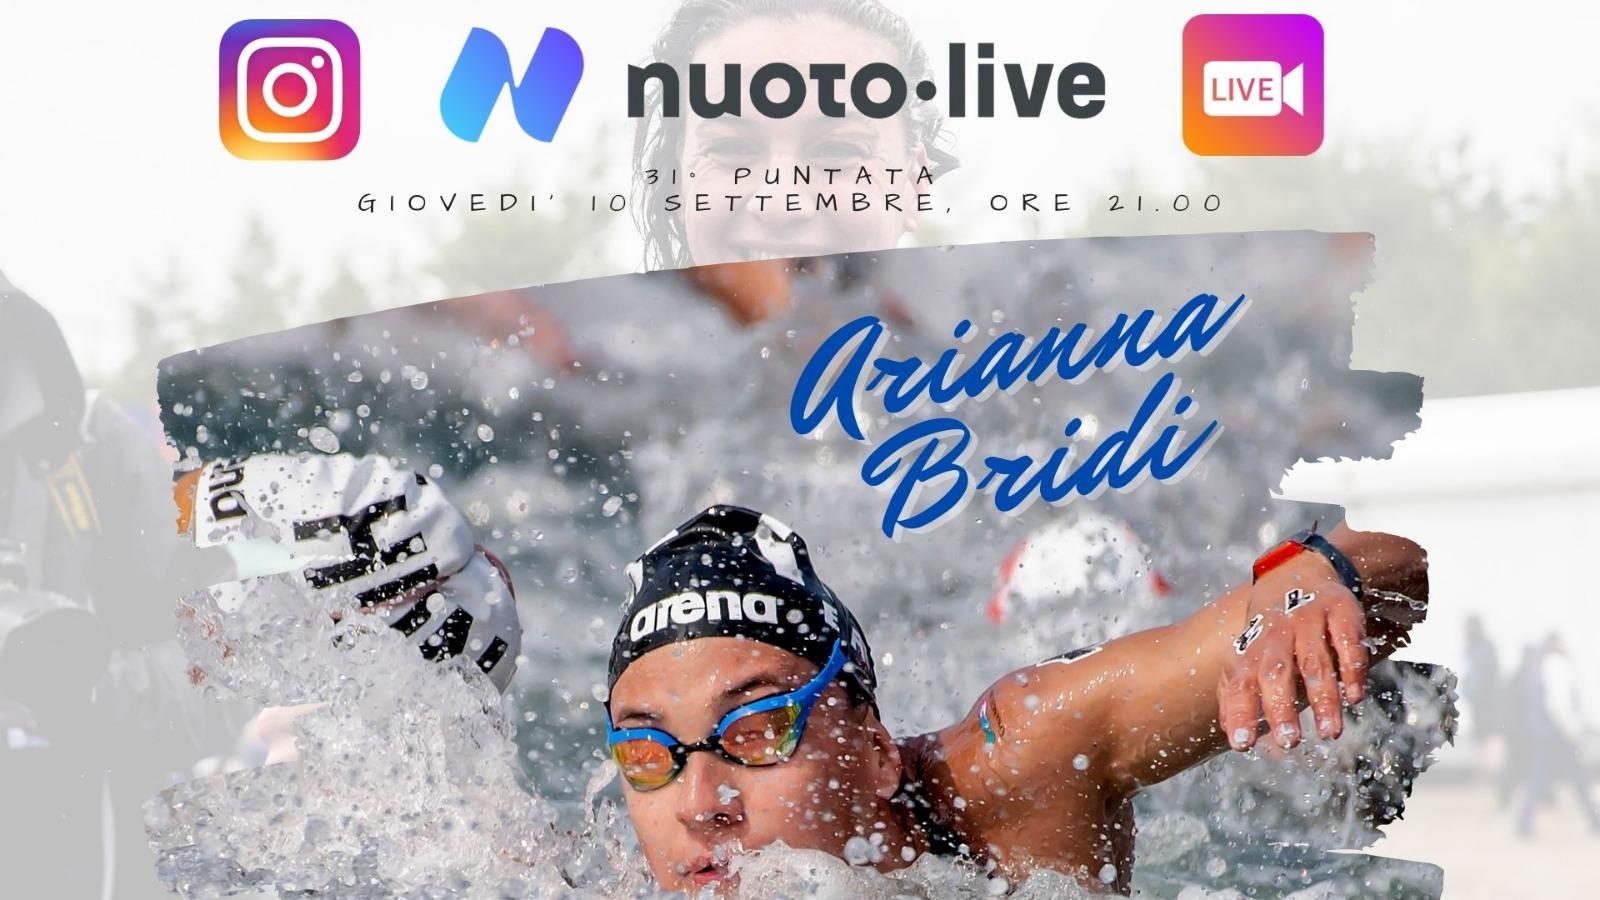 Arianna Bridi su Instagram per Nuotopuntolive